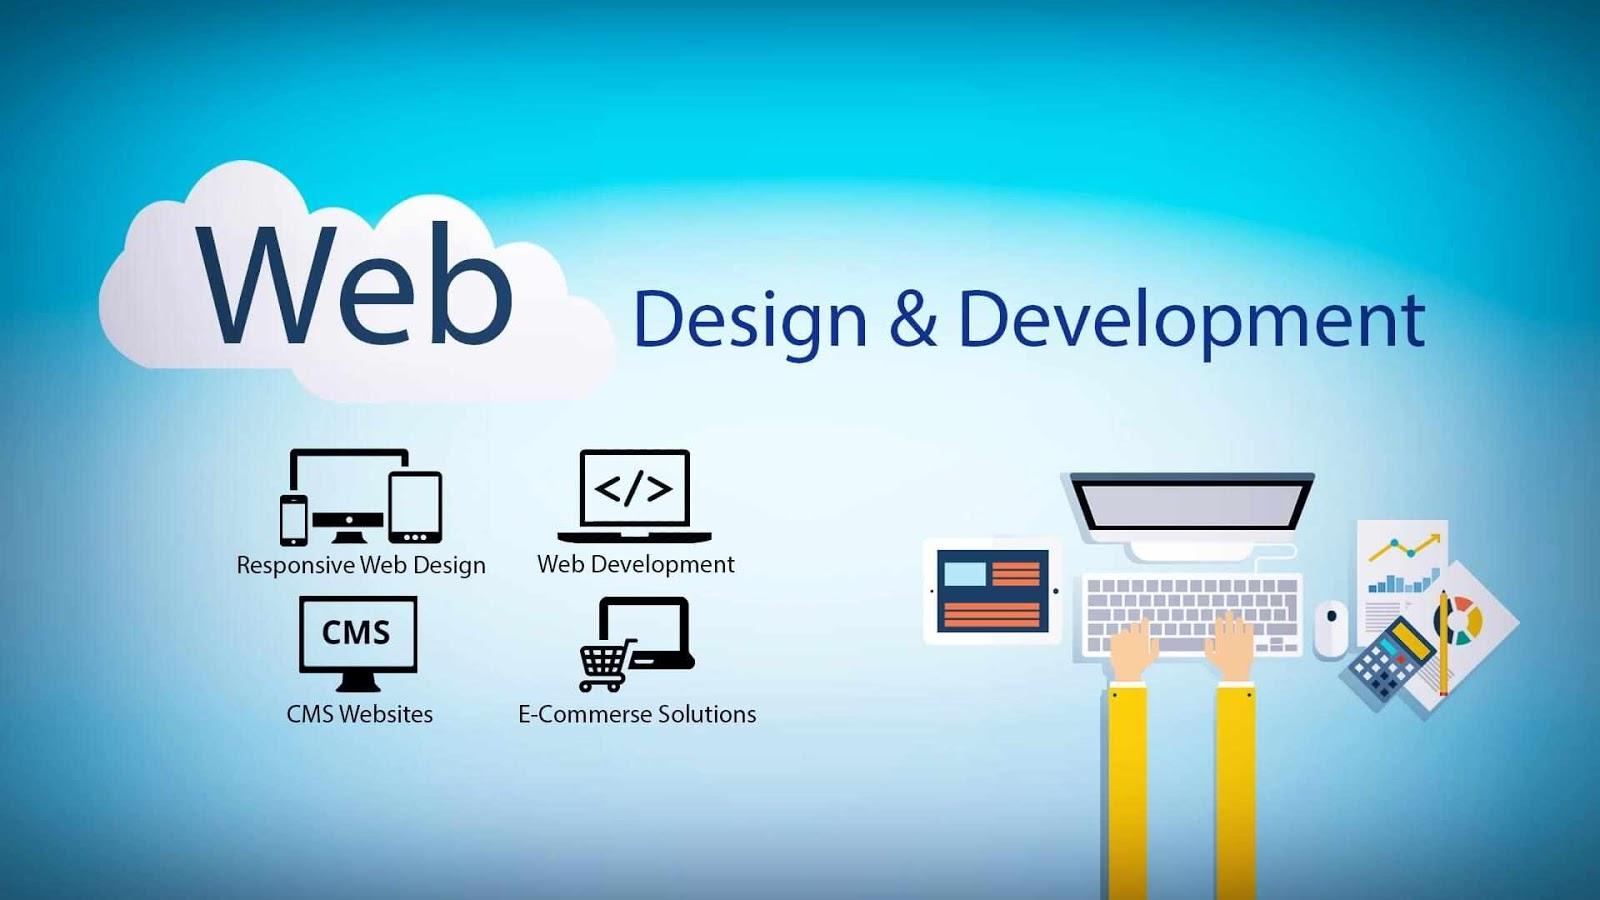 تعلم تطوير الويب Web Development بداية ممتازة لك